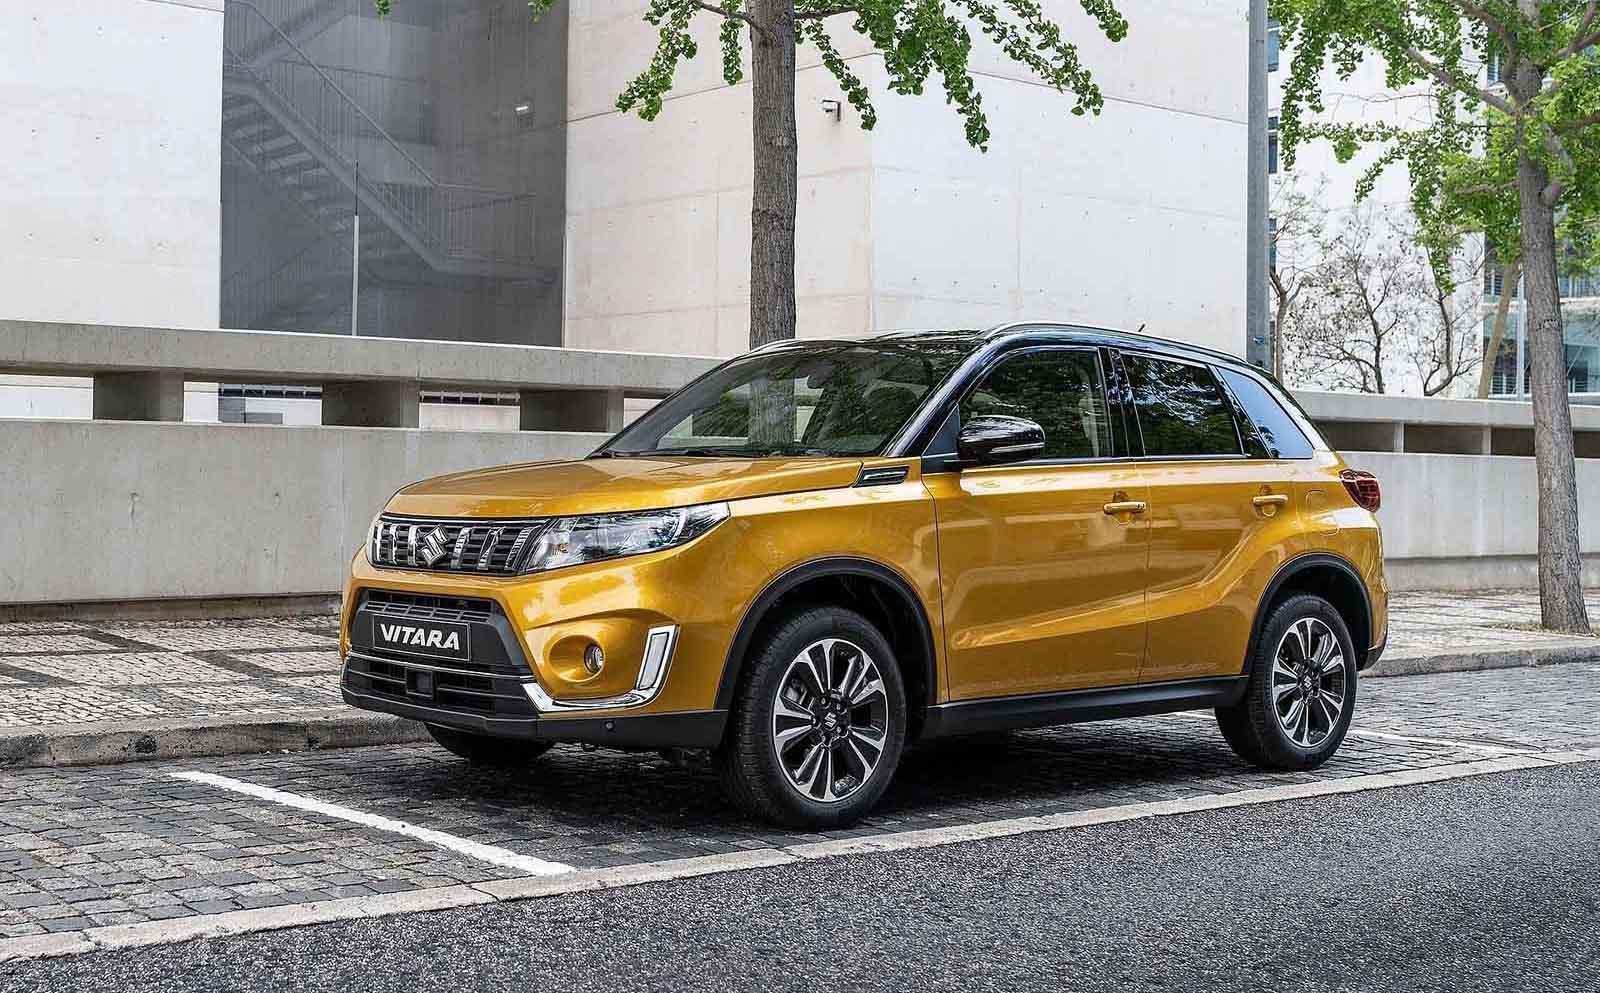 La Suzuki Vitara es una de las apuestas de la marca